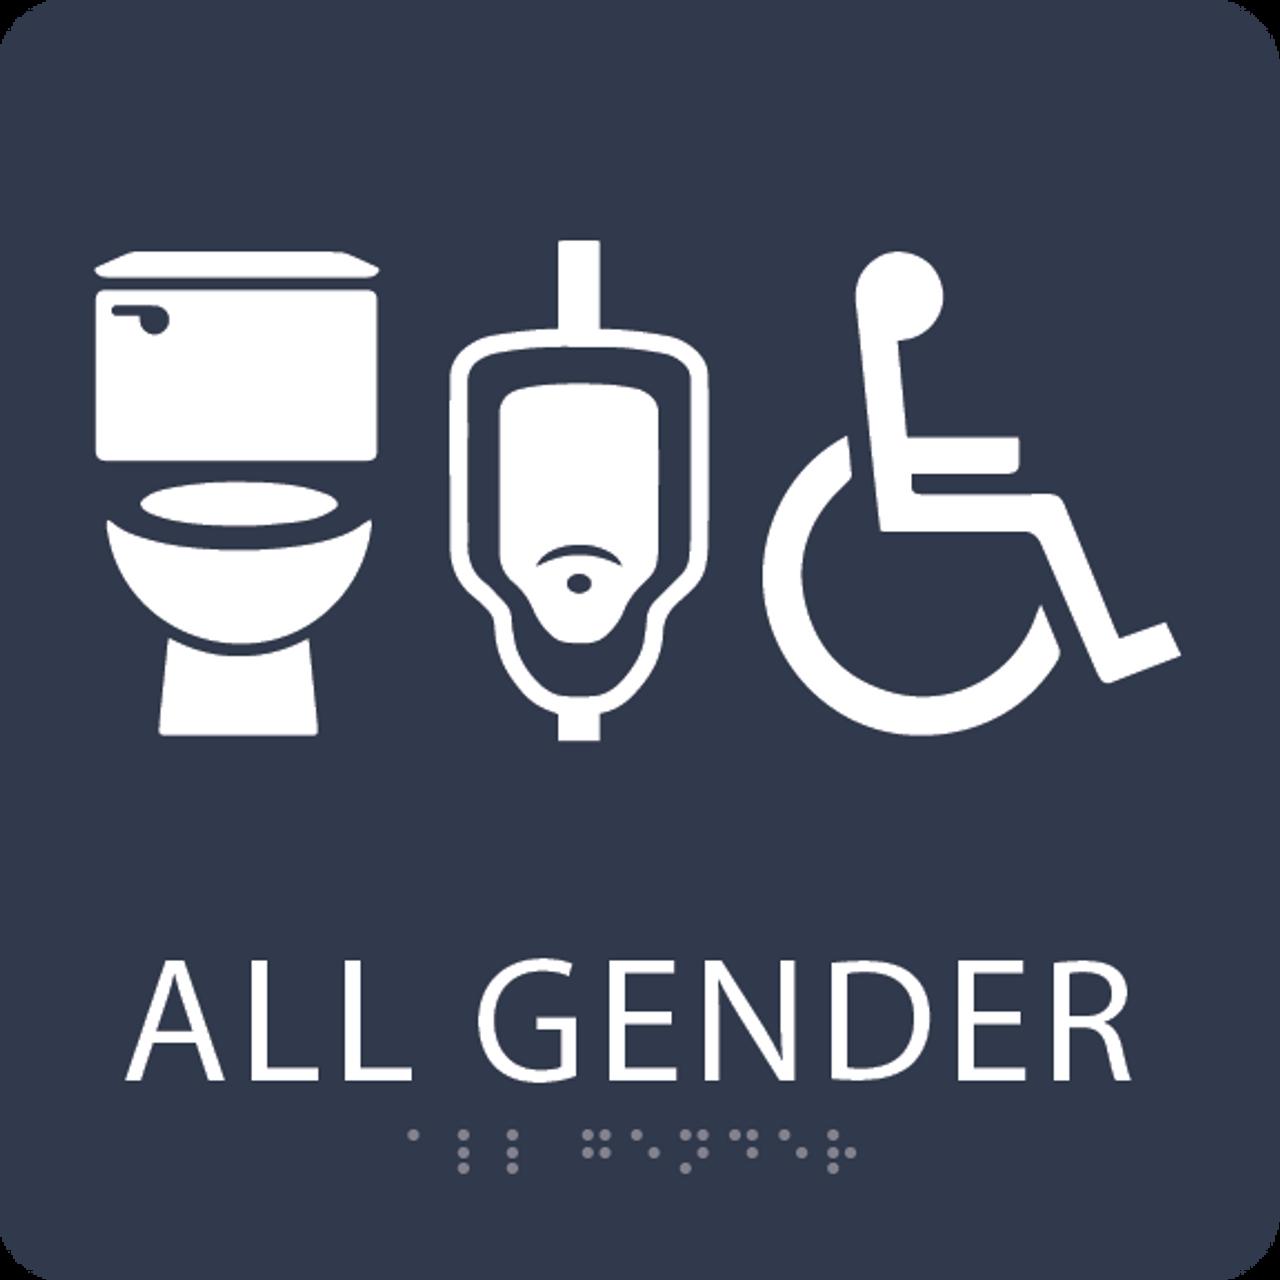 Navy All Gender Neutral Restroom Sign